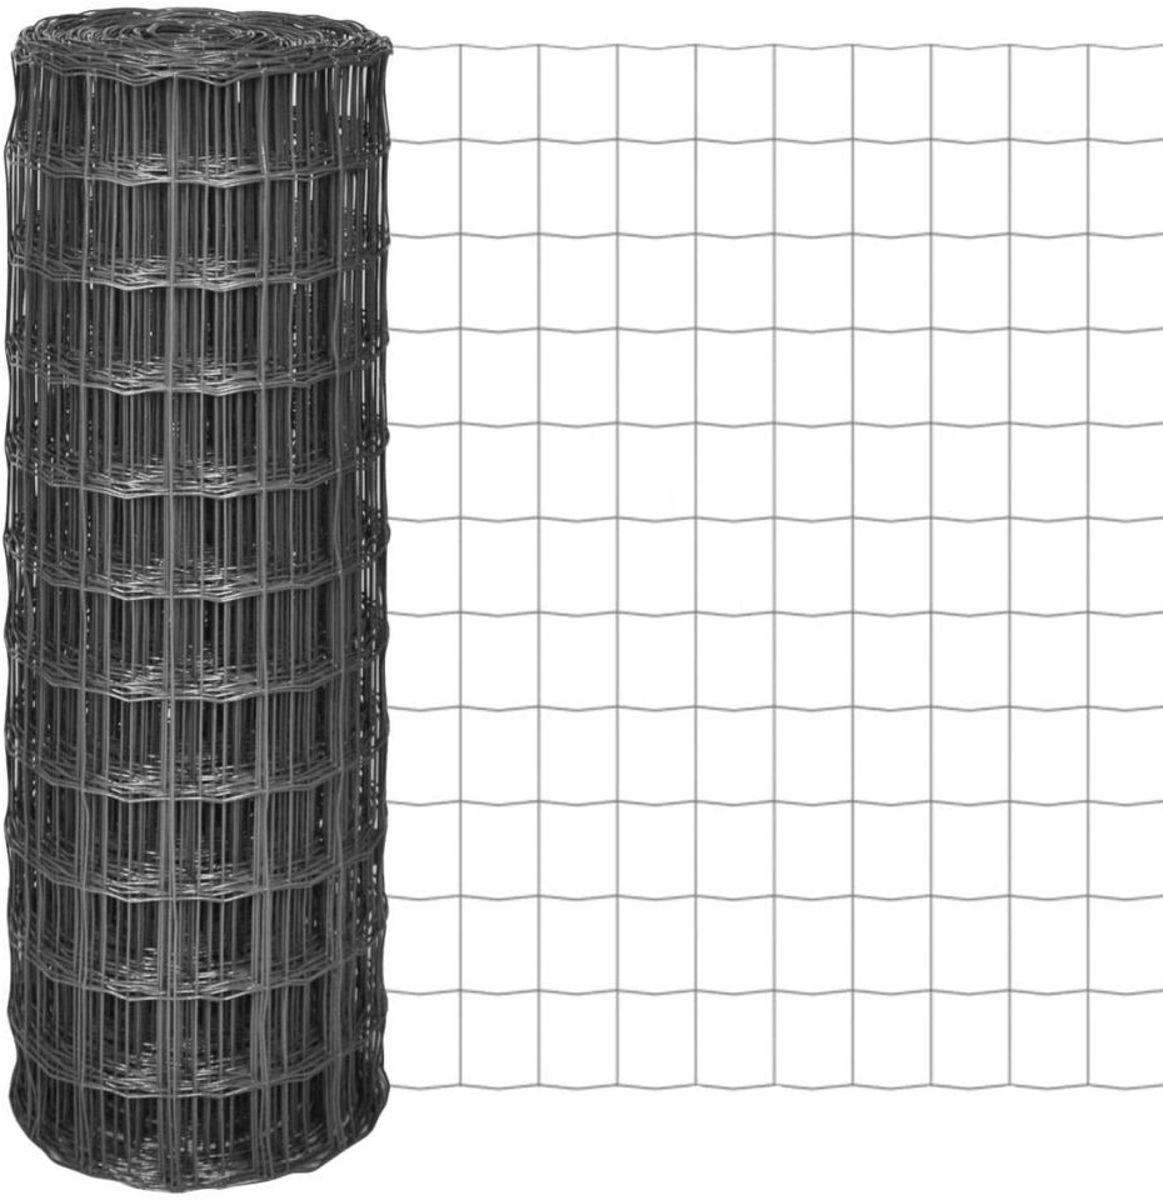 vidaXL Euro hek 10x1,5 m met 77x64 mm gaas staal grijs kopen